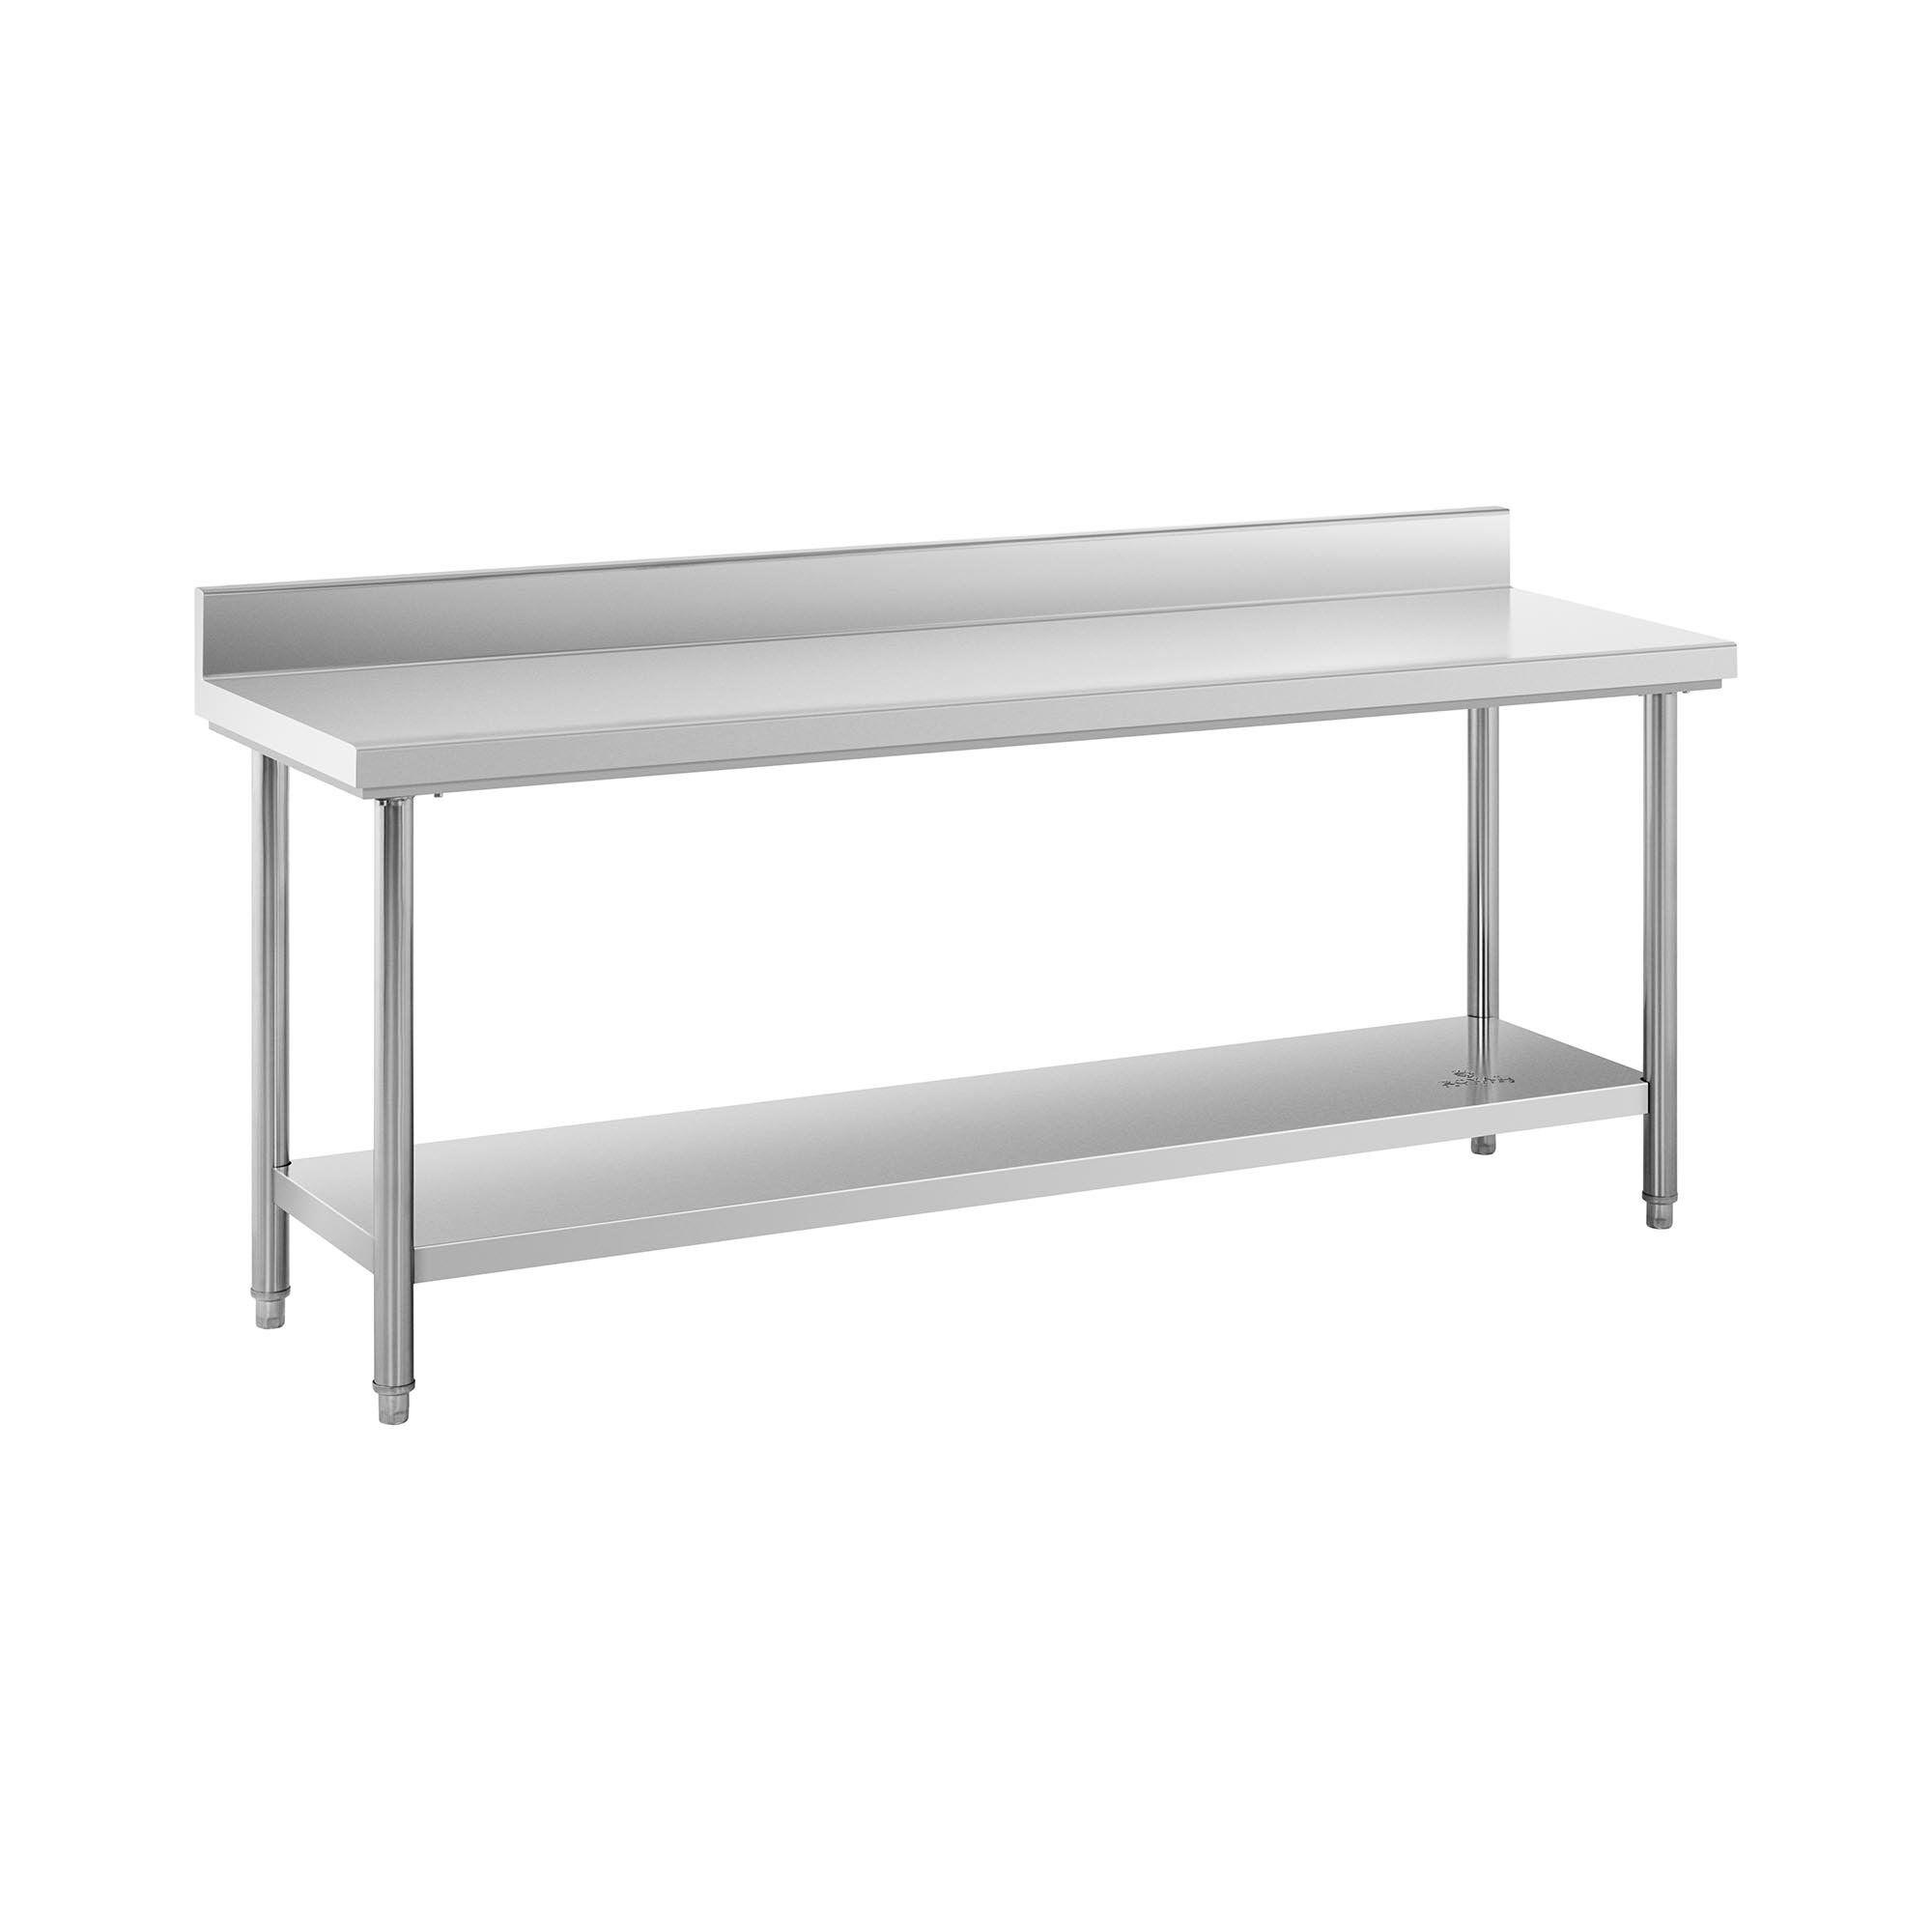 Royal Catering Table de travail inox avec dosseret - 200 x 60 cm - Capacité de 195 kg RCWT-200X60SB